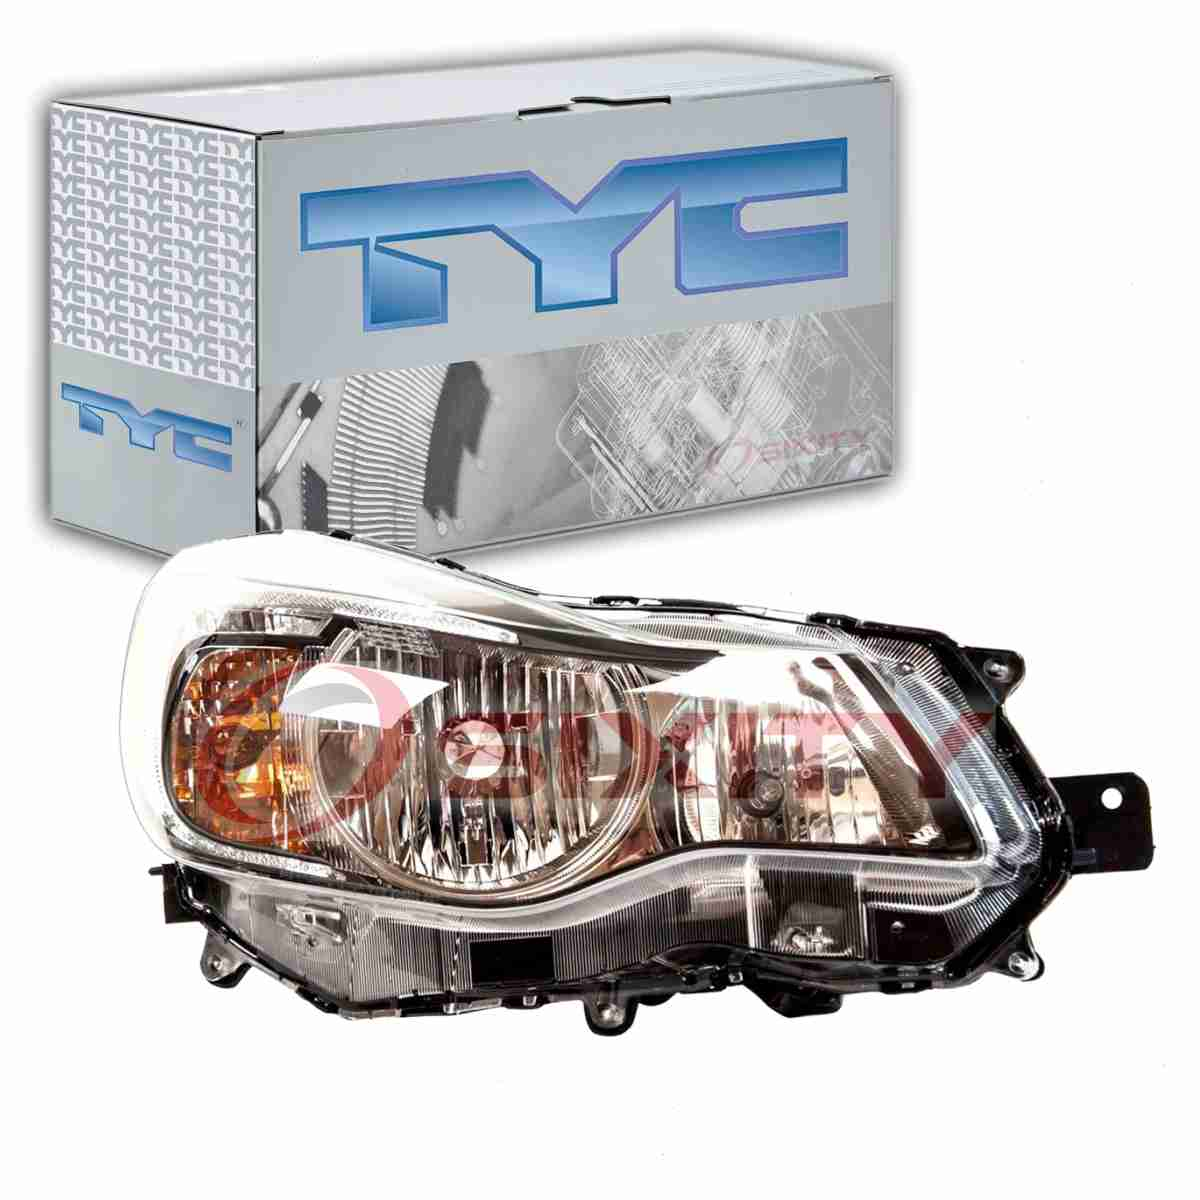 Detalles acerca de Tyc Derecho Faro Conjunto para 2013-2015 Subaru XV  Crosstrek Mu- mostrar título original